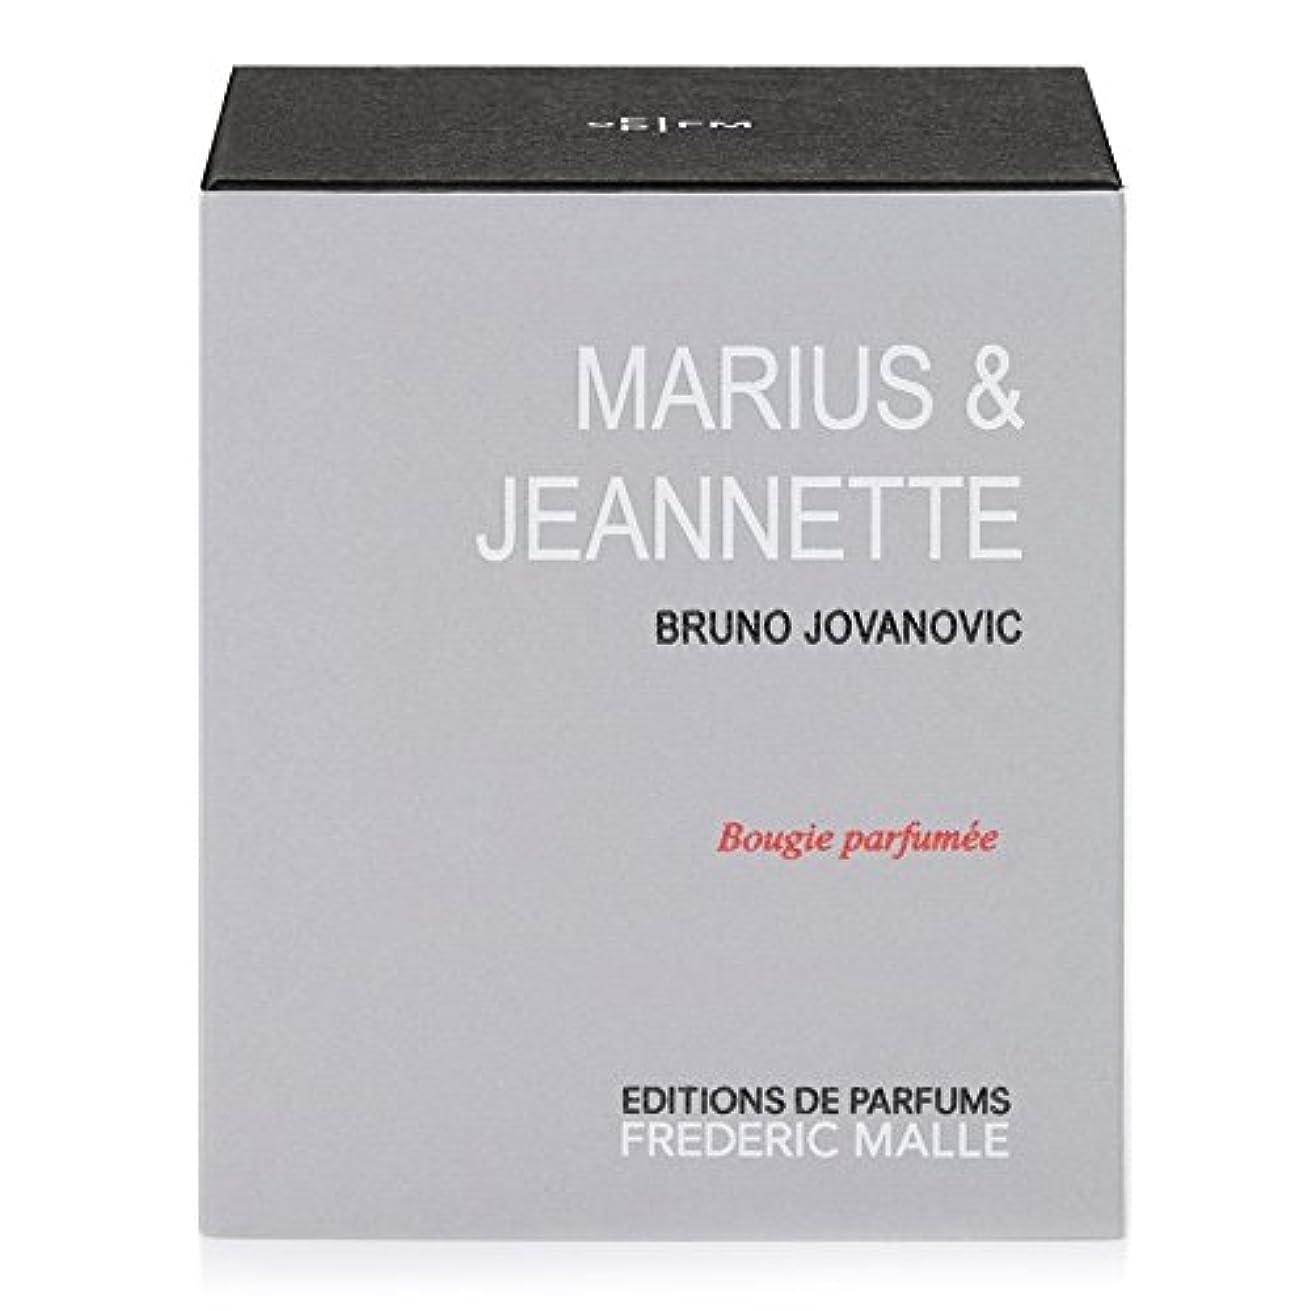 降伏喪姿勢フレデリック?マル とジャネット?香りのキャンドル x6 - Frederic Malle Maruis and Jeanette Scented Candle (Pack of 6) [並行輸入品]